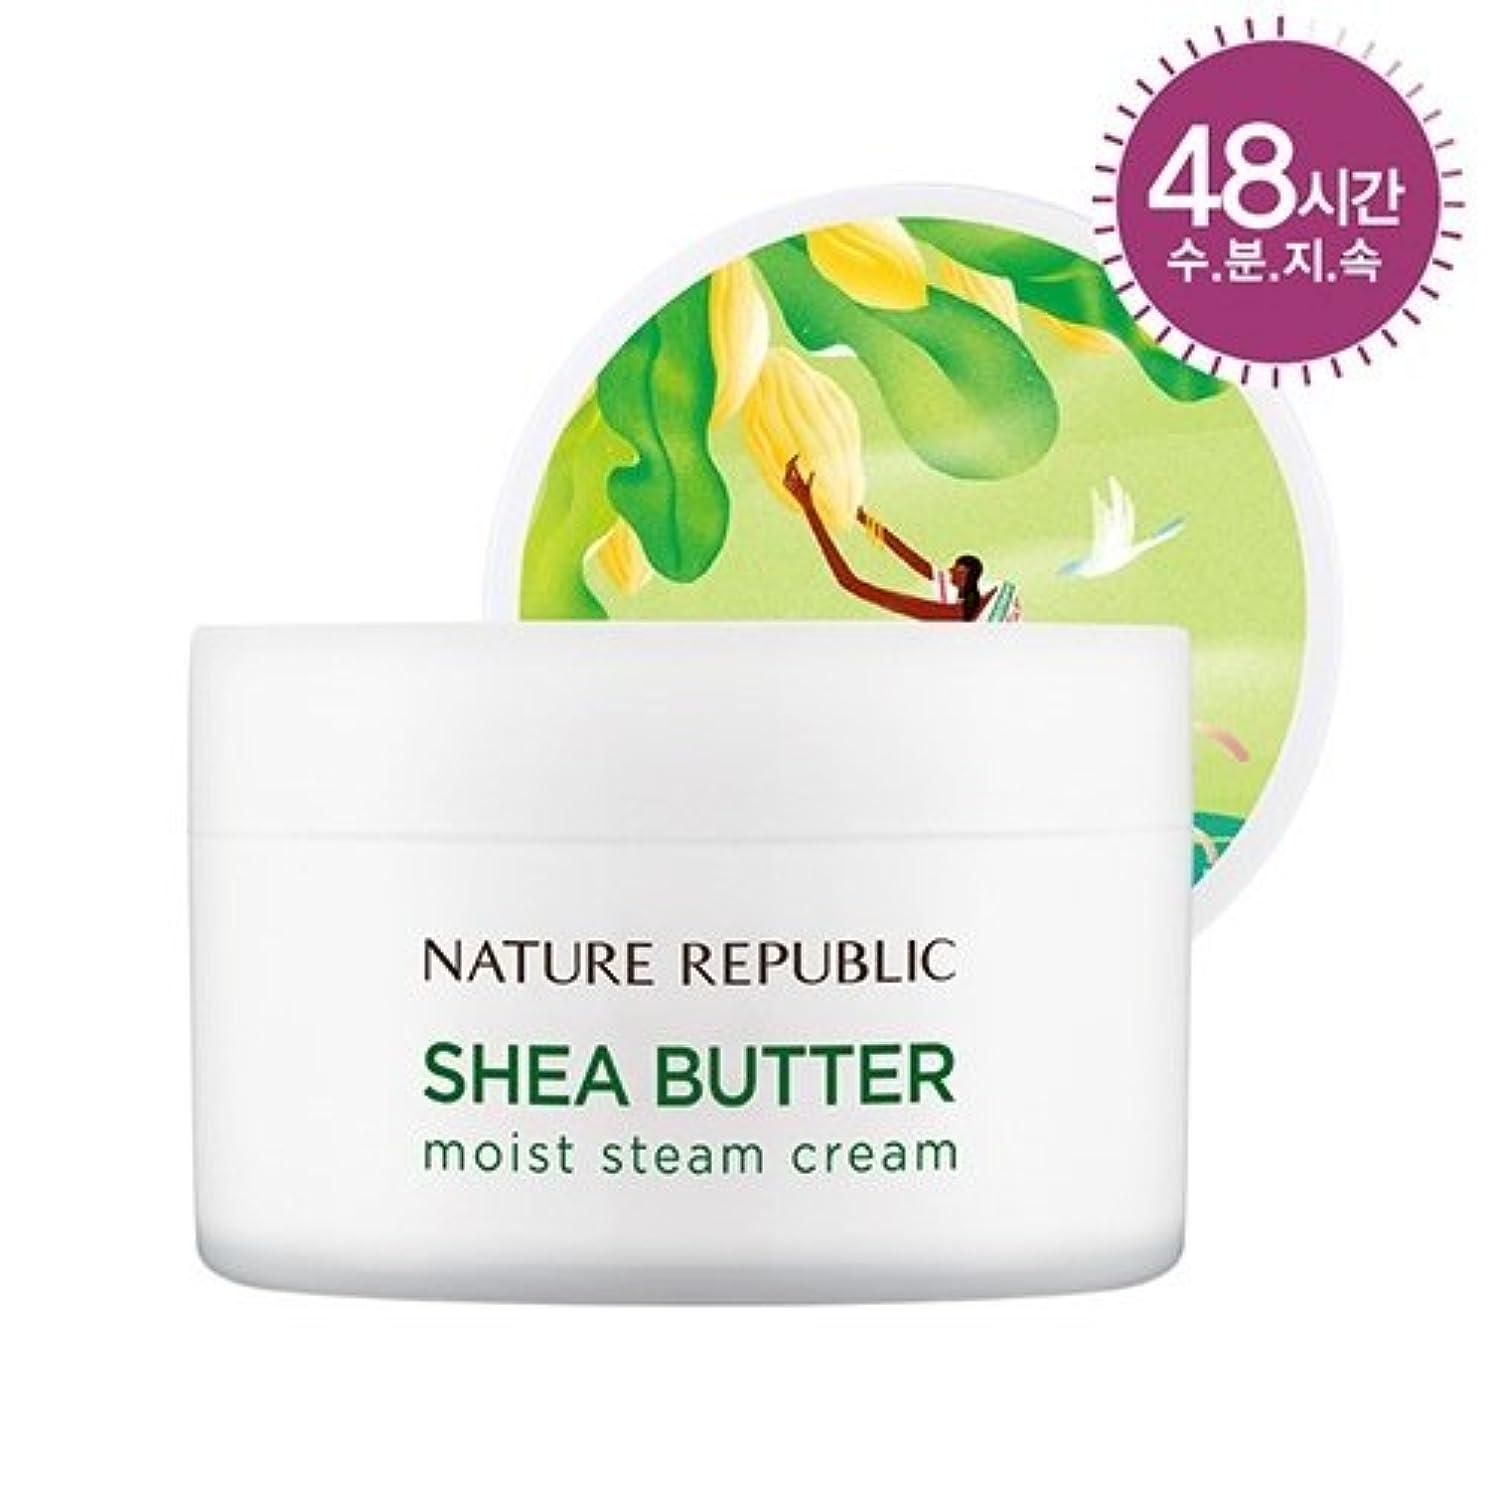 作動する再開後ろ、背後、背面(部NATURE REPUBLIC(ネイチャーリパブリック) SHEA BUTTER STEAM CREAM シアバター スチーム クリーム #モイスト乾燥肌